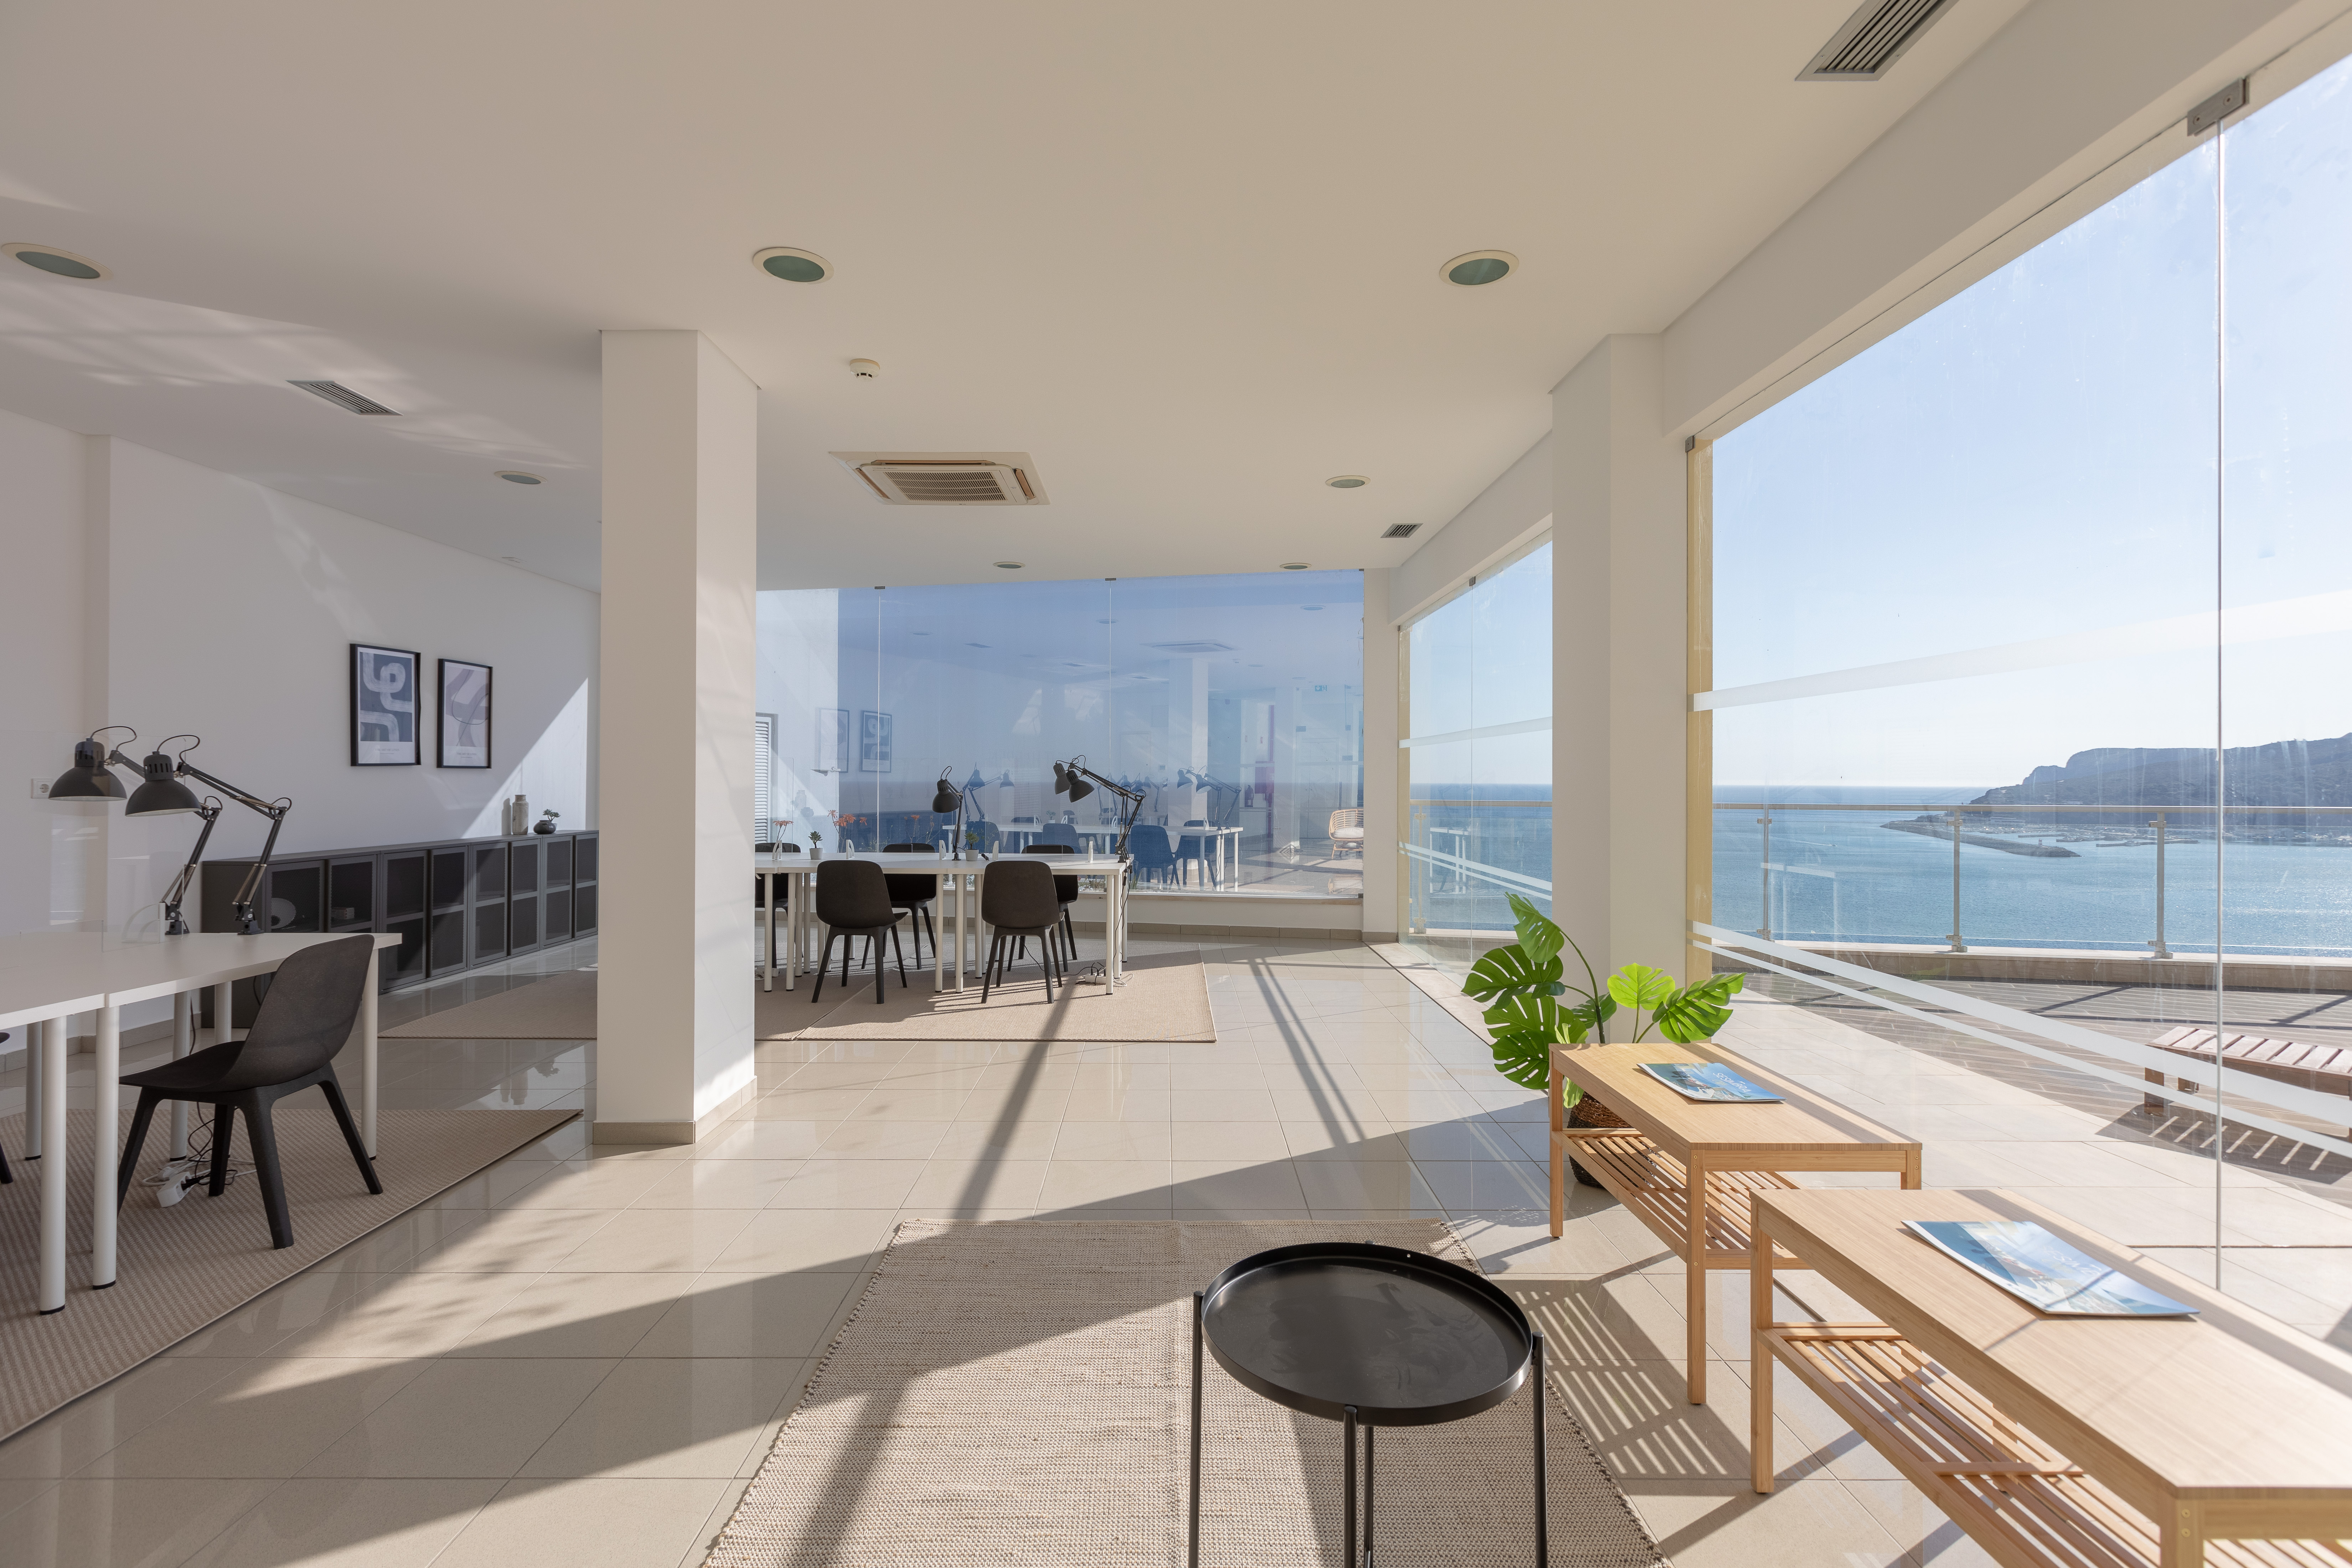 Sesimbra Cliffs: casas com vista para o mar atraem portugueses